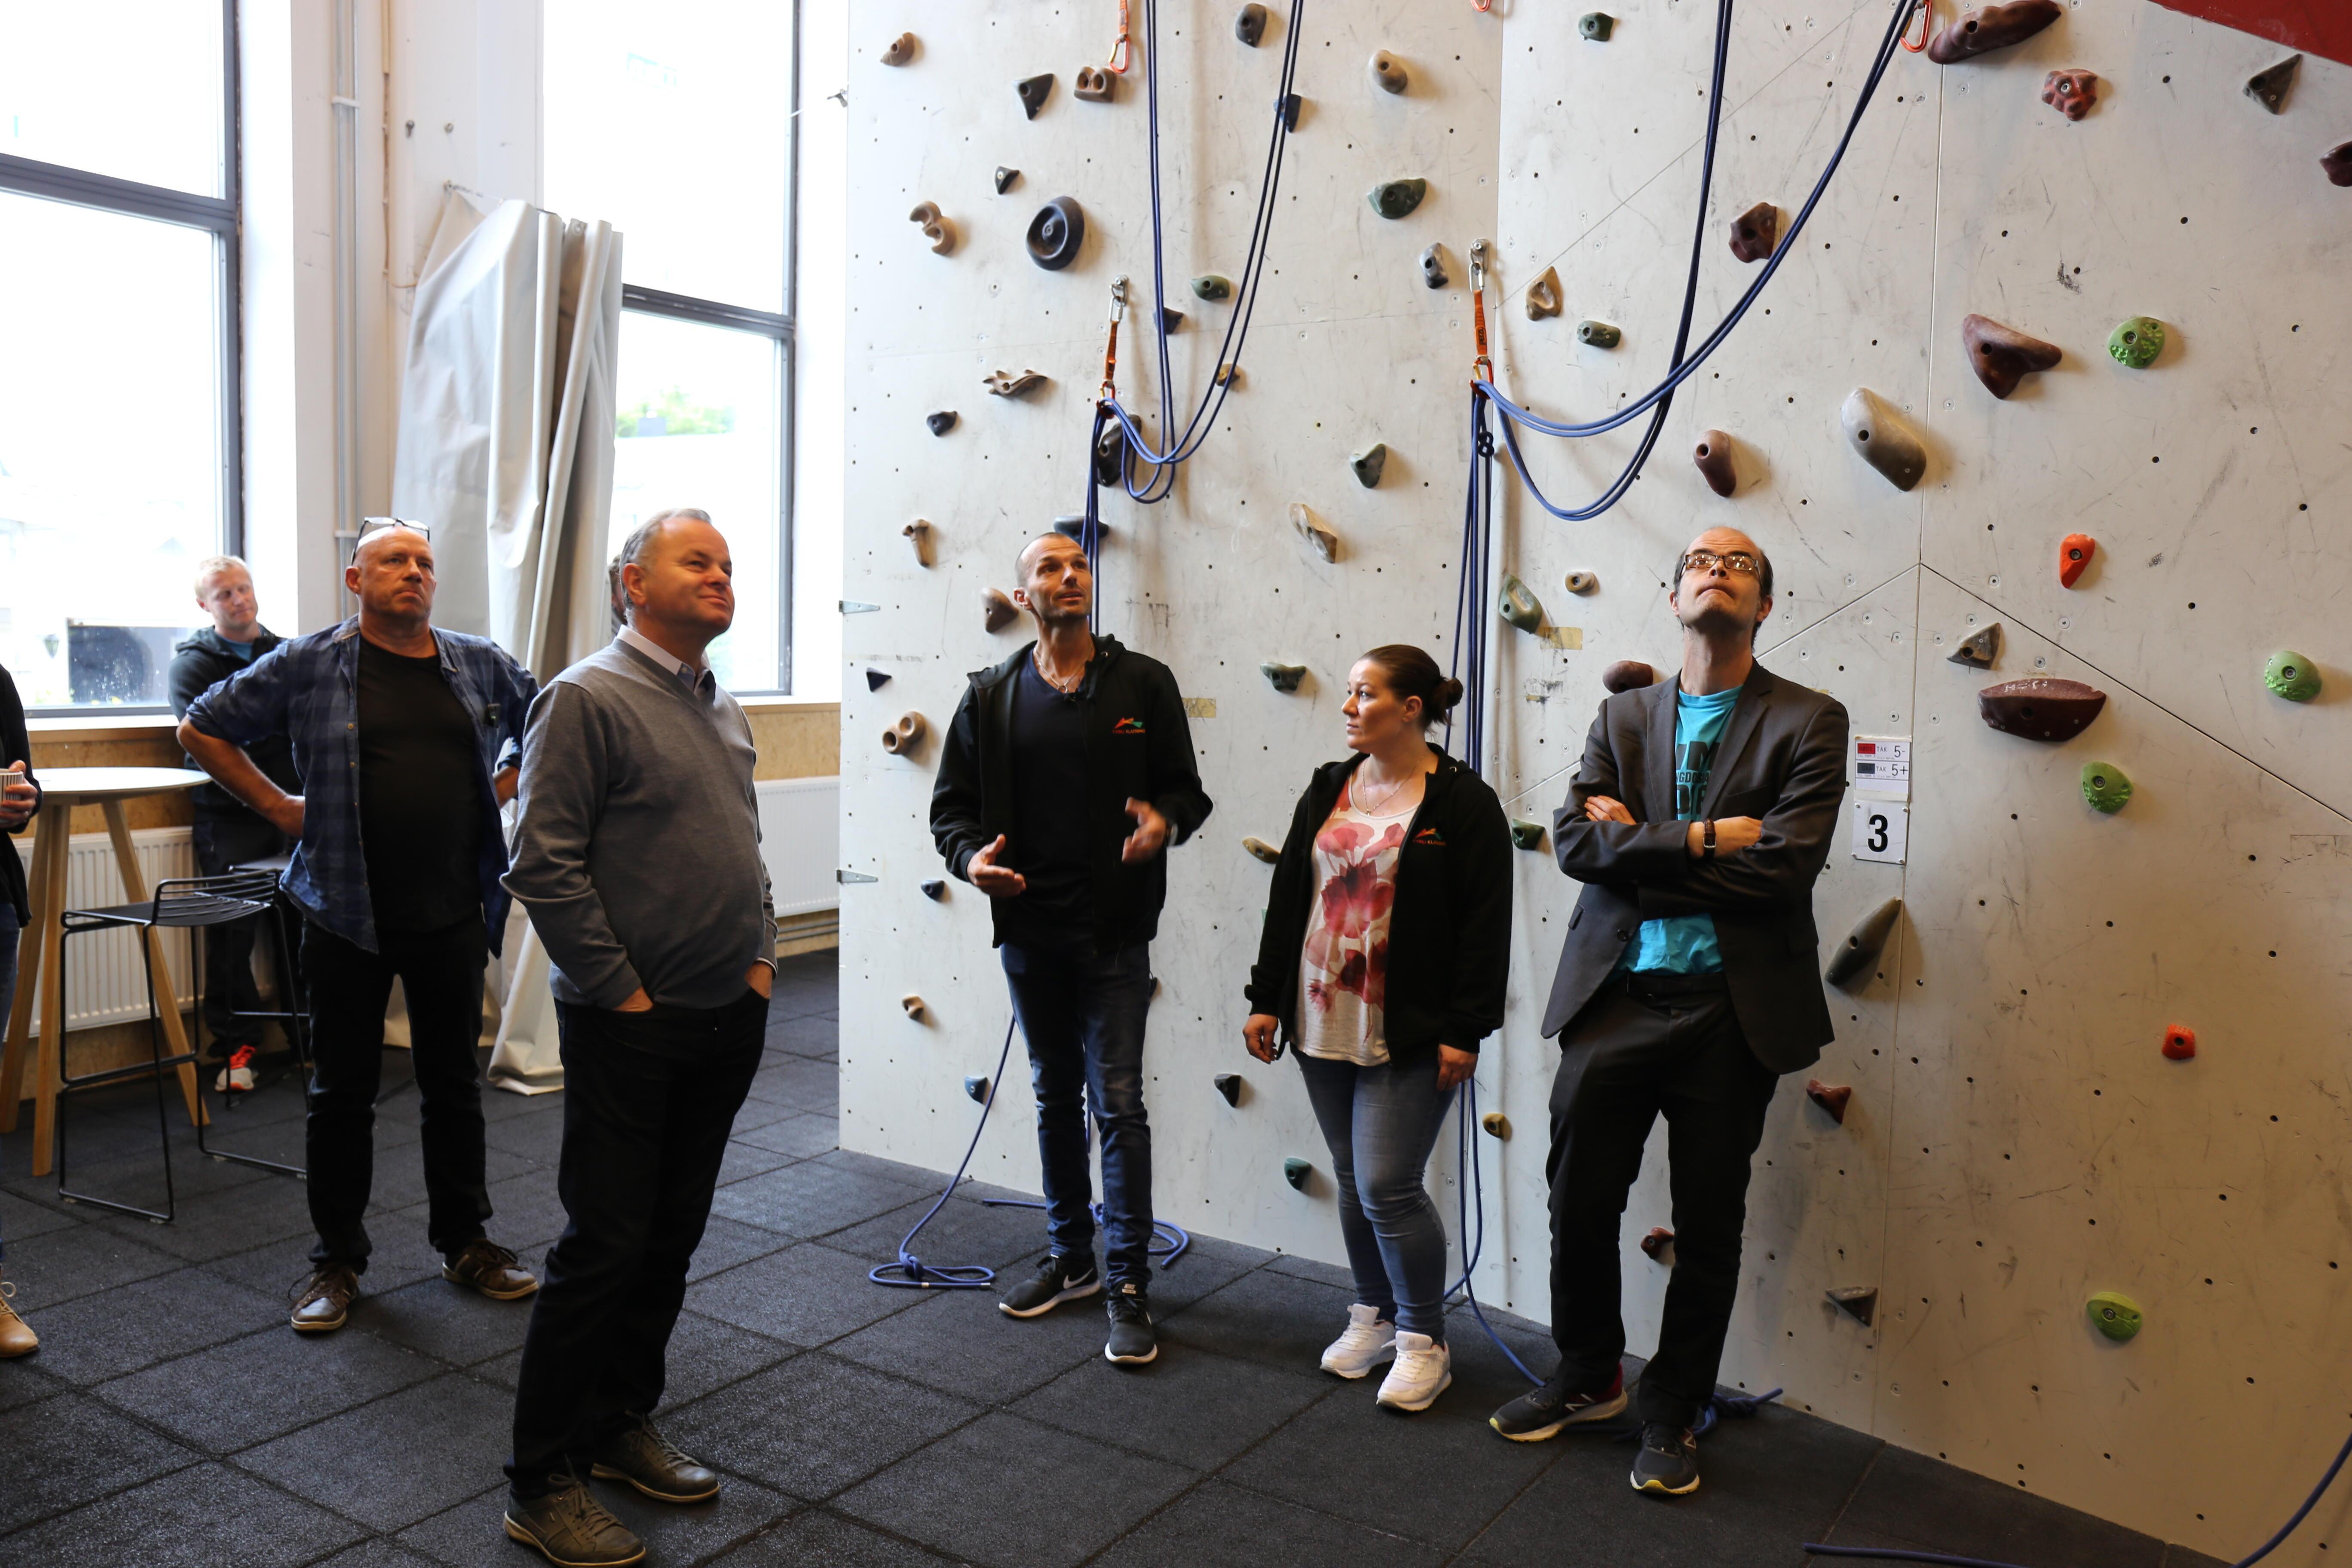 Politikere inspiserer klatreveggen